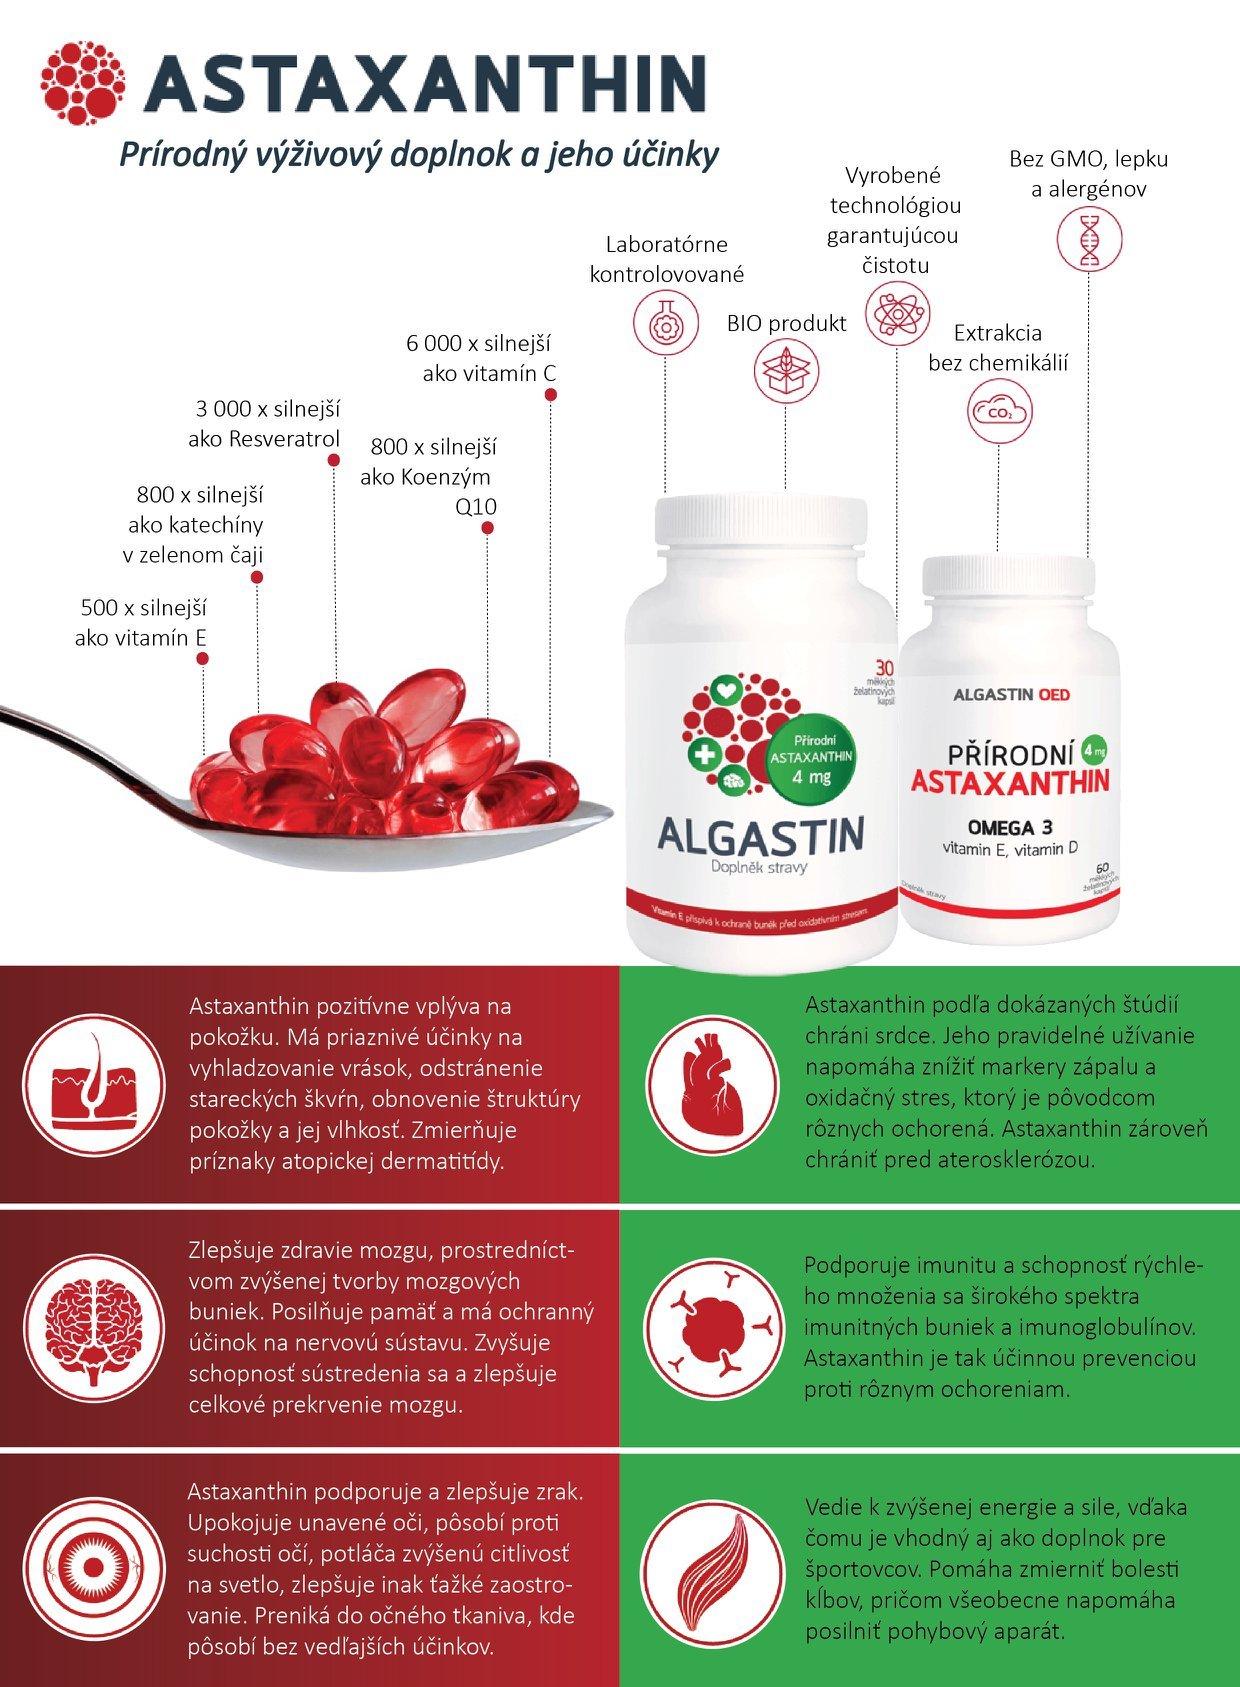 Astaxanthin a jeho účinky